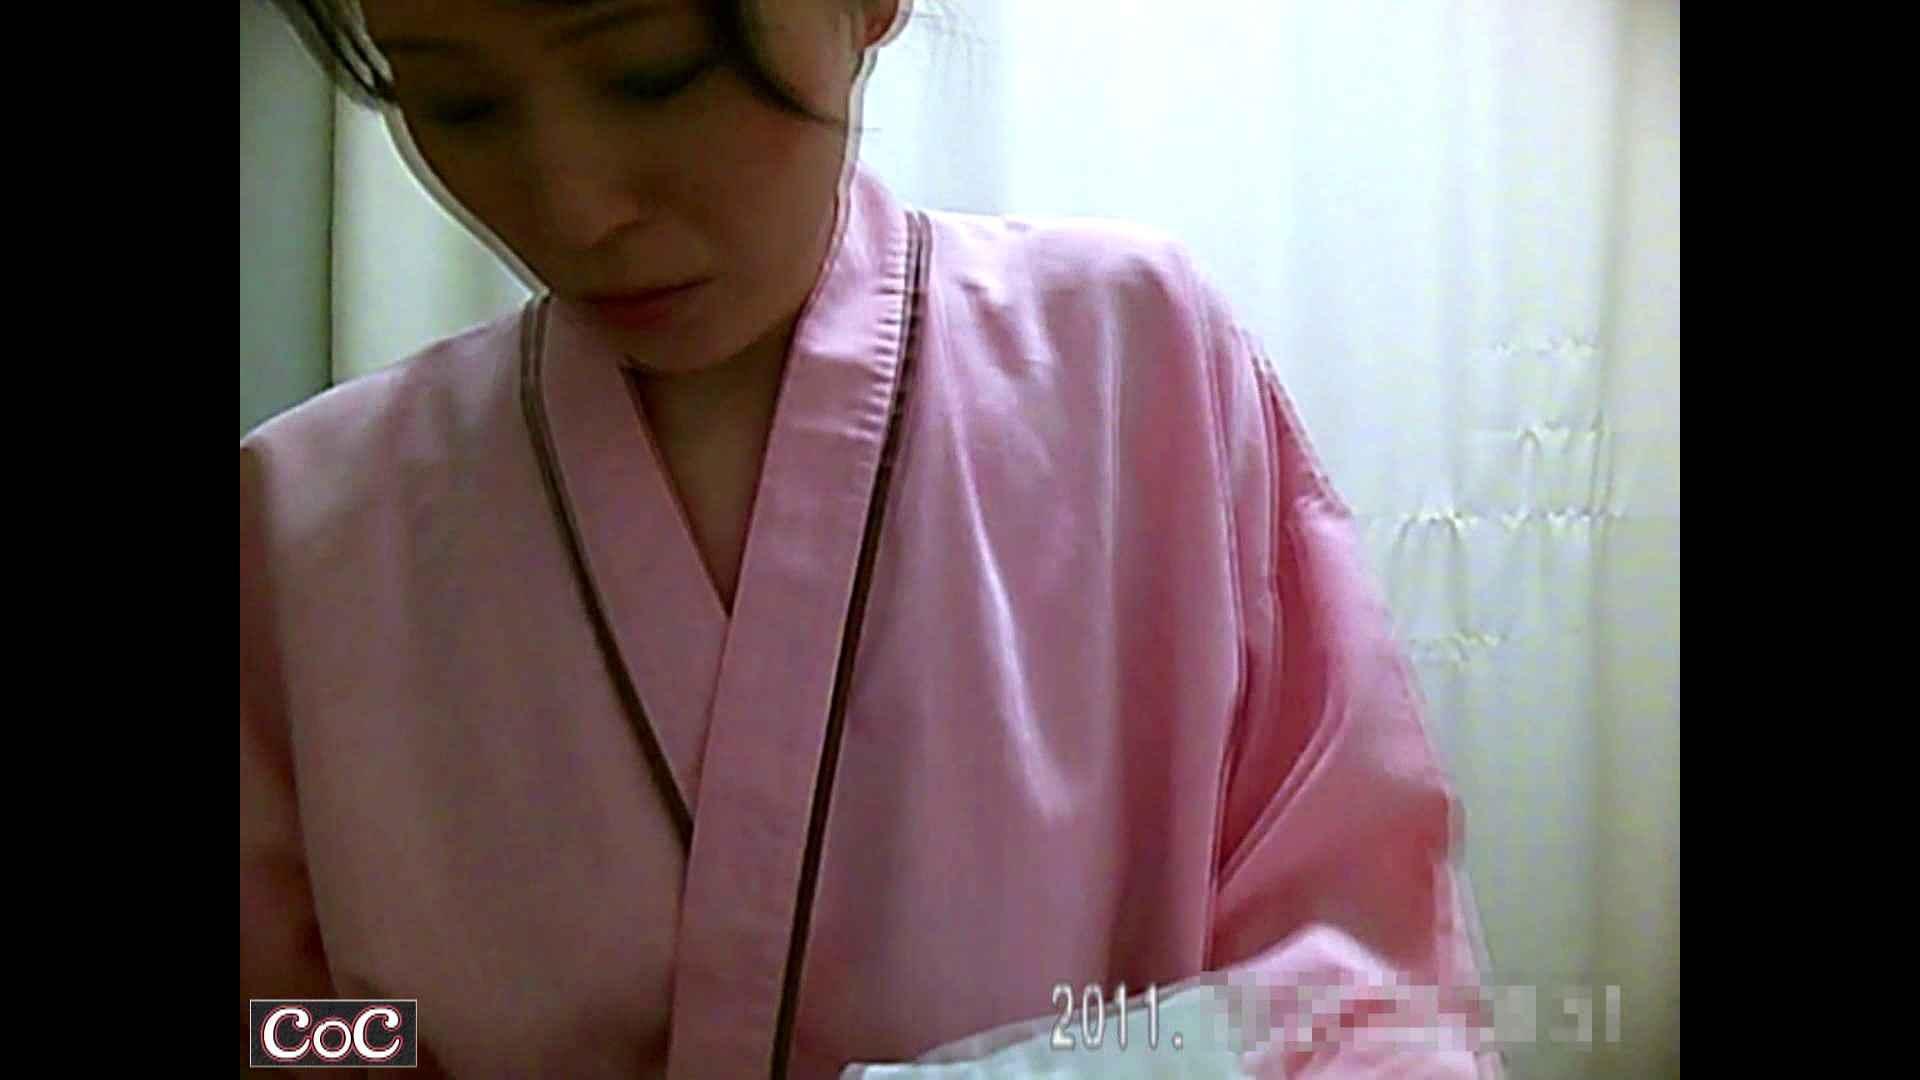 病院おもいっきり着替え! vol.67 おっぱい のぞき動画画像 91PICs 11